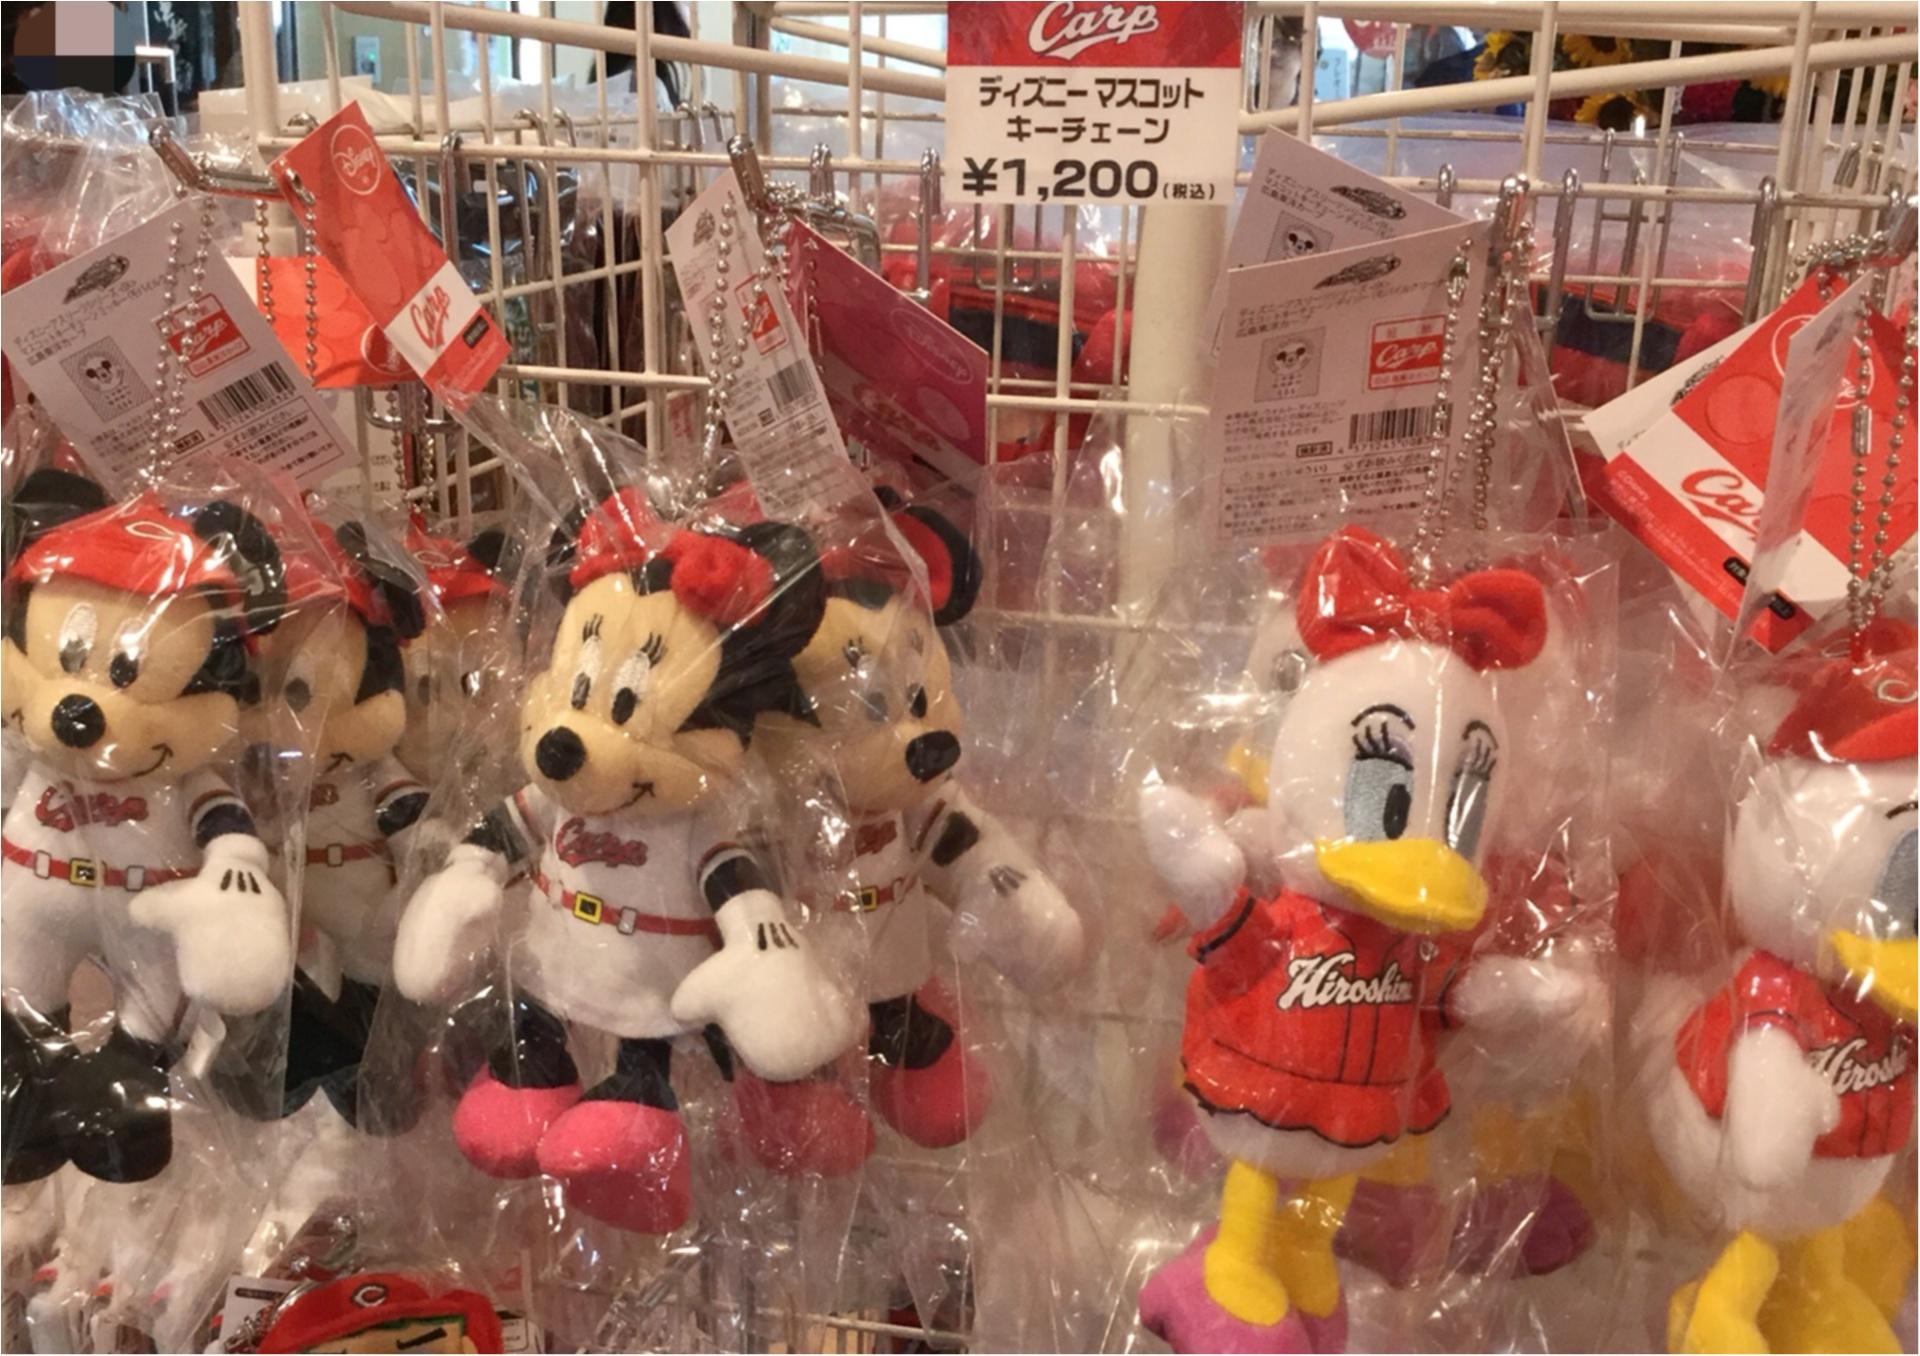 【カープ女子必見】ディズニーとのコラボ商品も新発売!カープをコンセプトとしたカフェバルも併設した《グッズ&カフェバル》としてリニューアルオープン♡_2